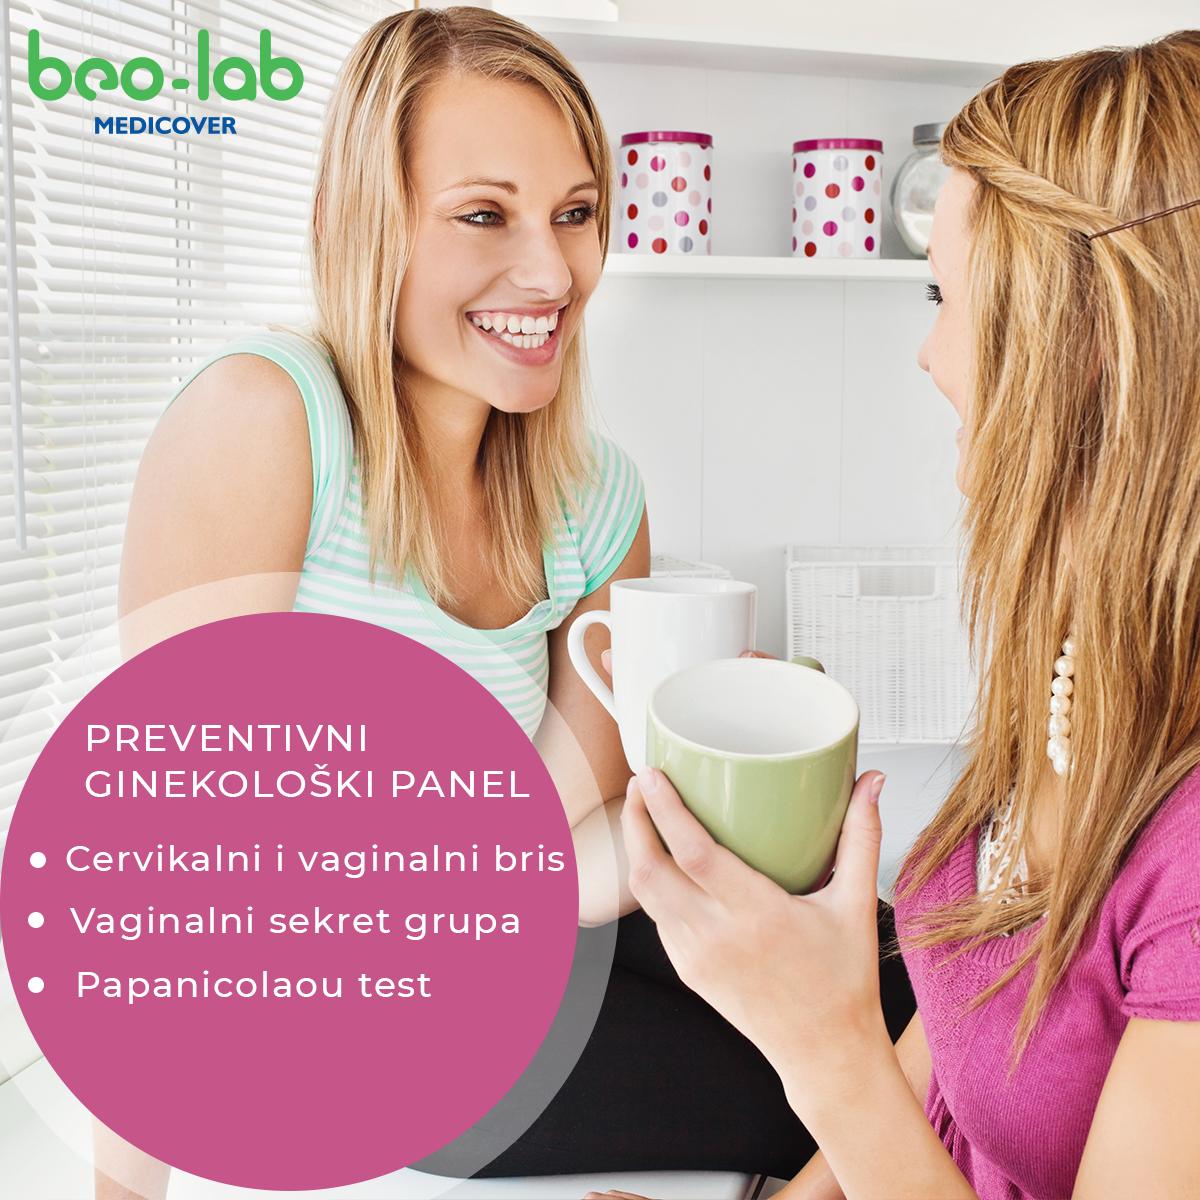 preventivni ginekološki panel